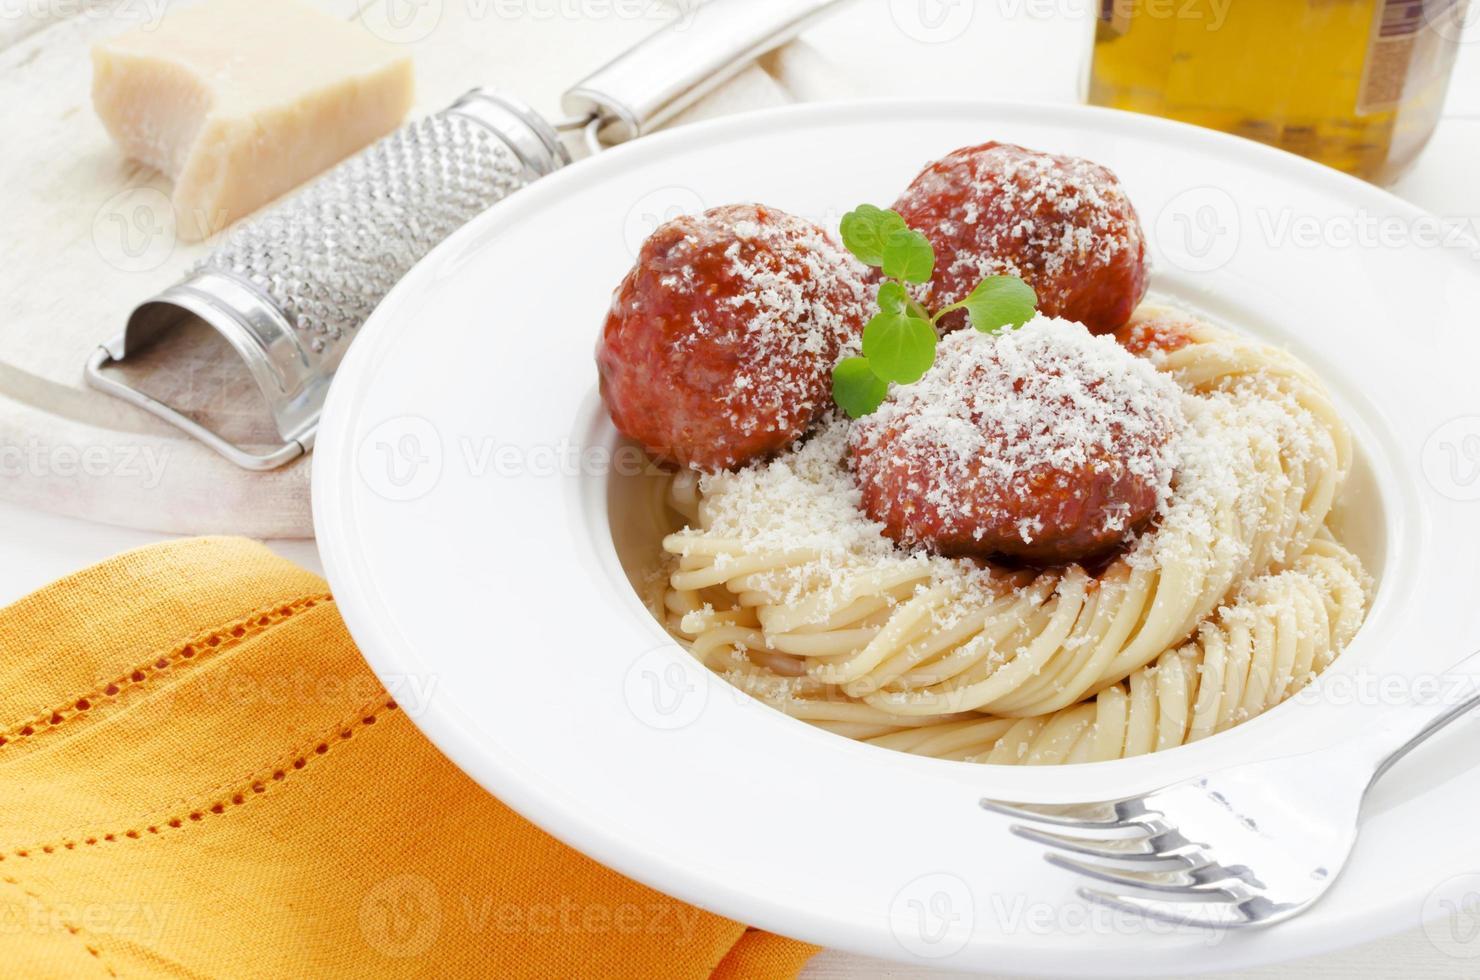 pasta med köttbullar i tomatsås, vattenkrasse och parmesanost foto